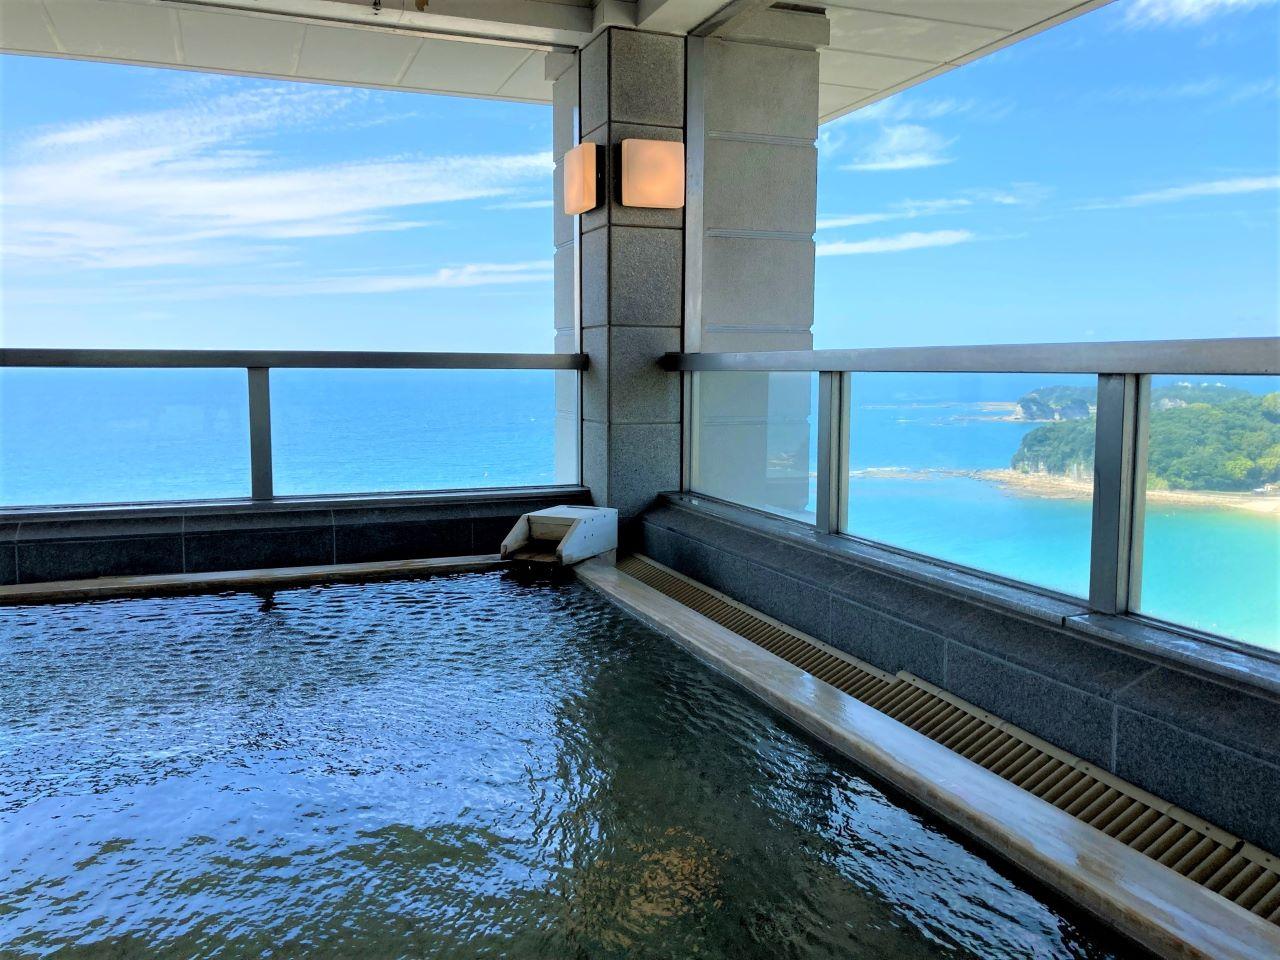 最上階の露天風呂は海に囲まれた絶景温泉!オーシャンビューの客室や充実の朝食も魅力「南紀白浜マリオットホテル」【宿泊ルポ】 画像1